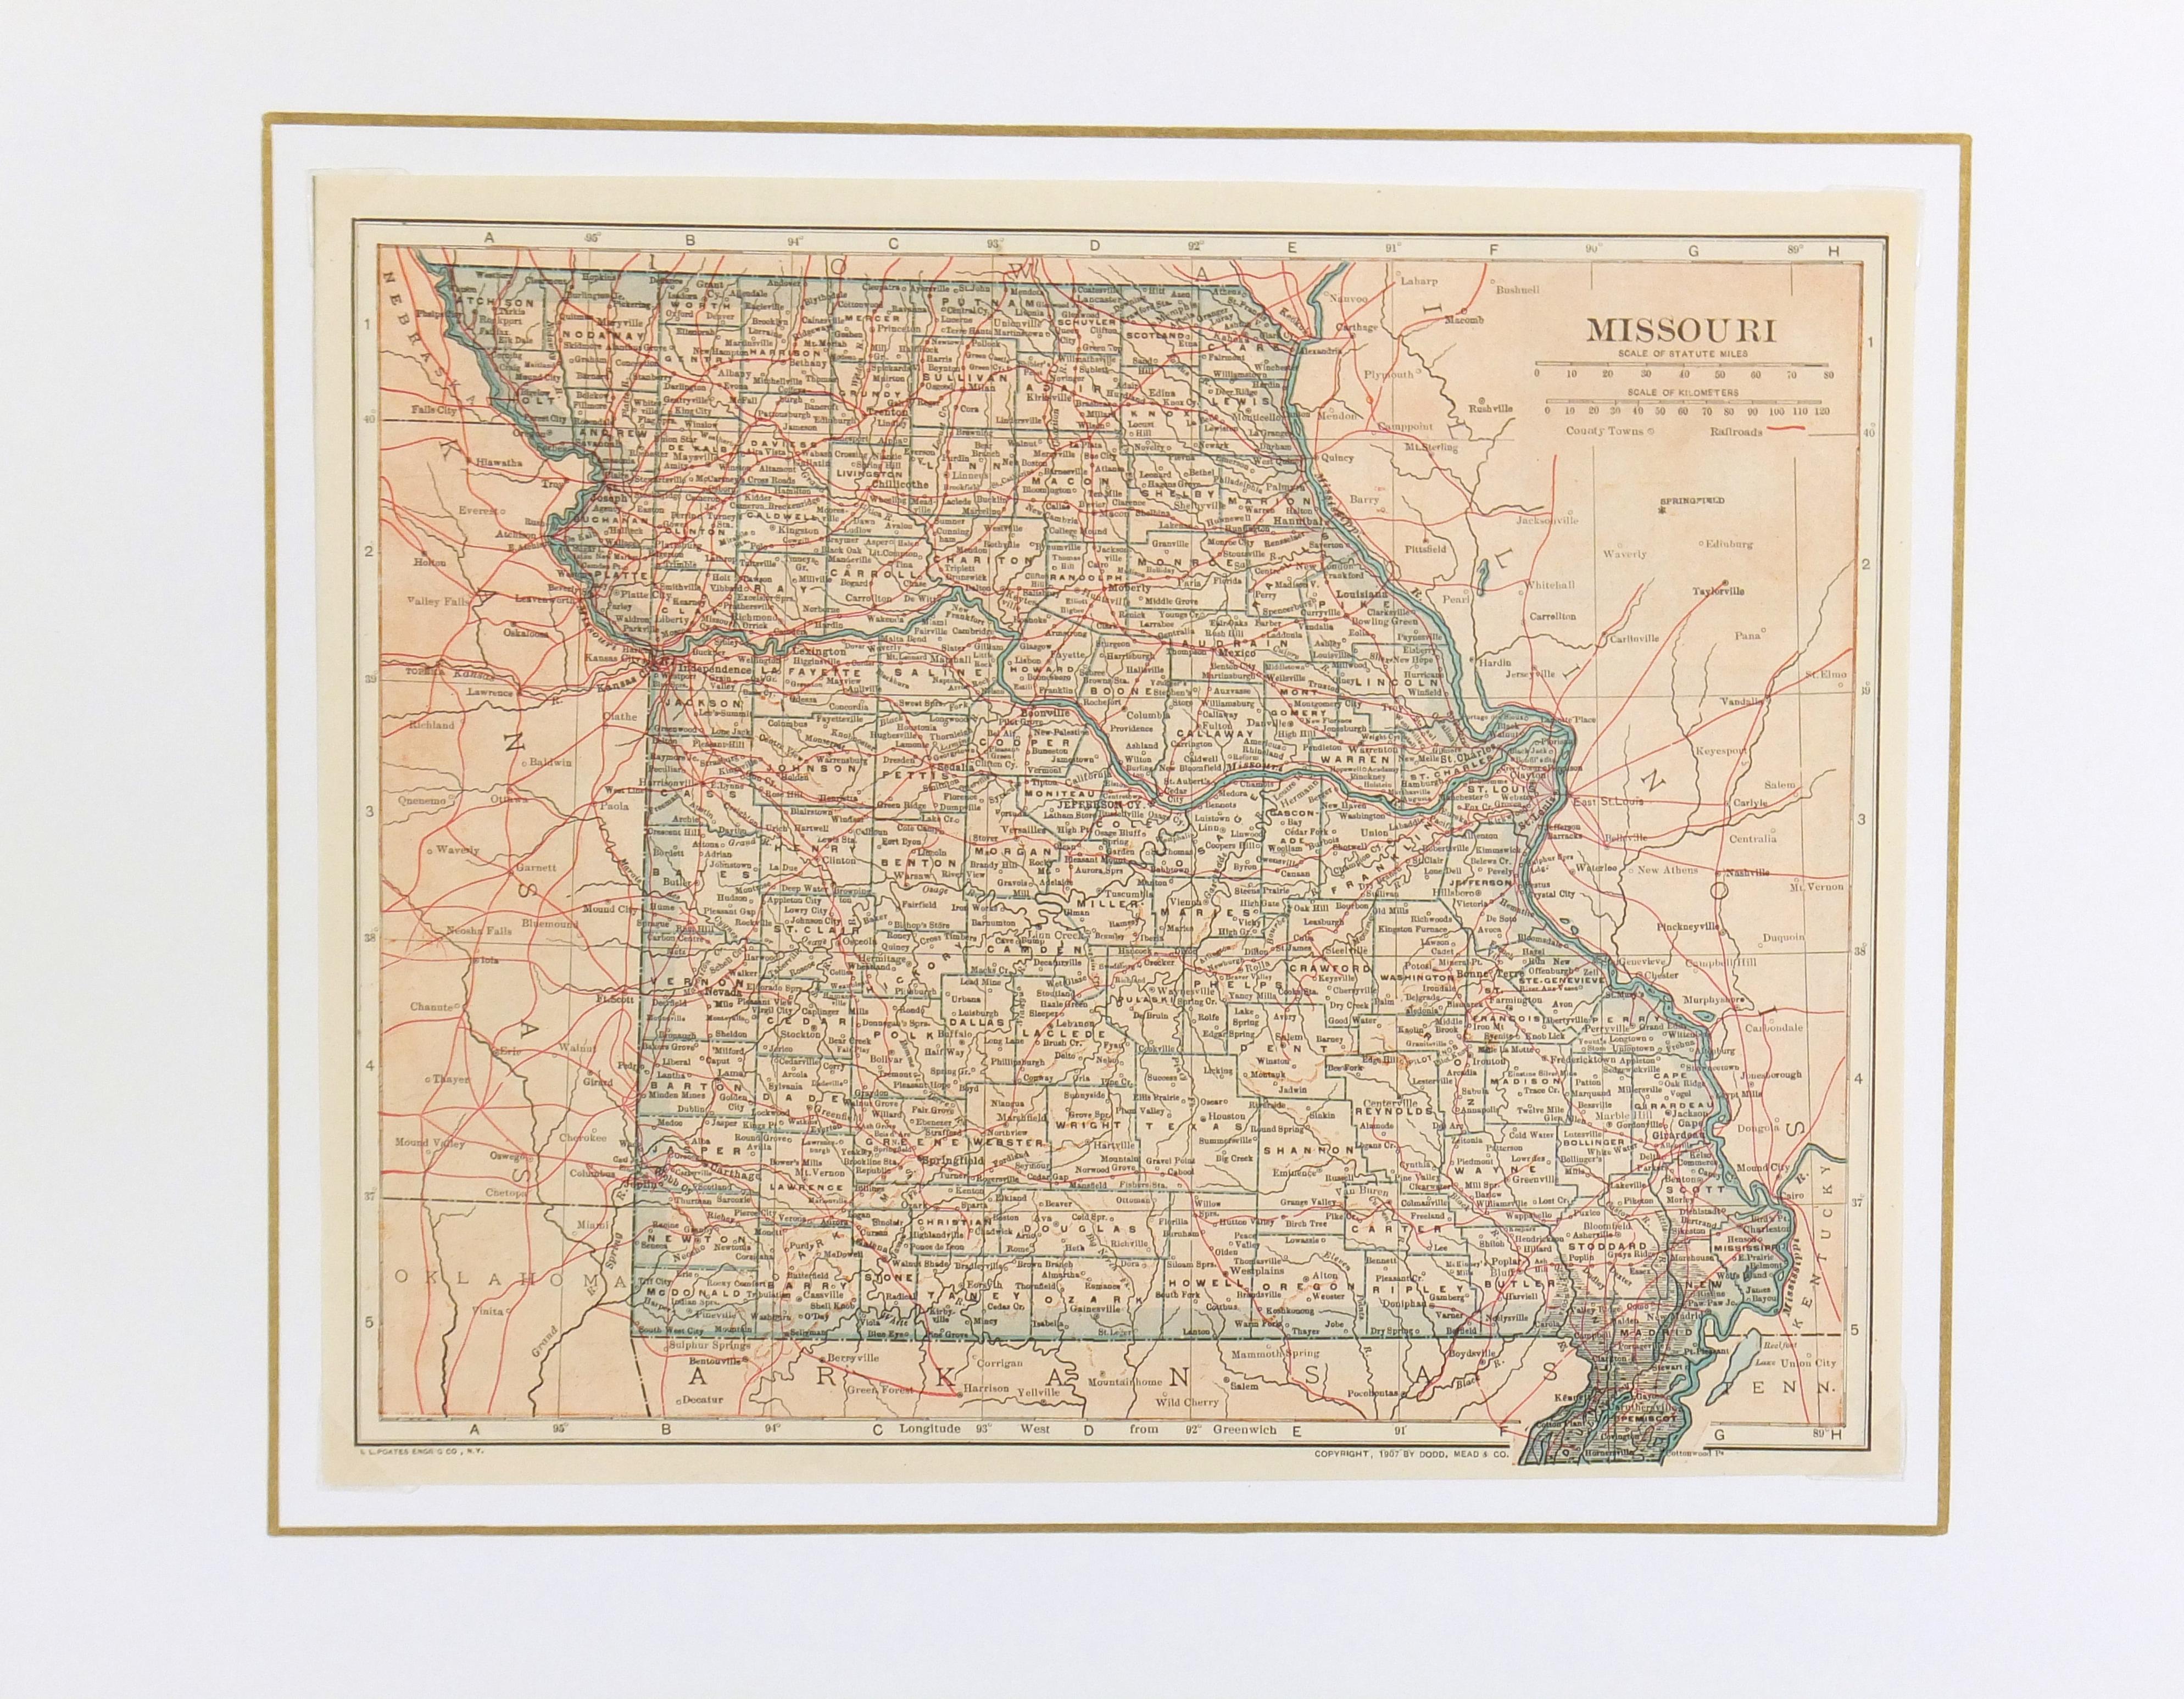 Missouri Map, 1907-matted-6532K